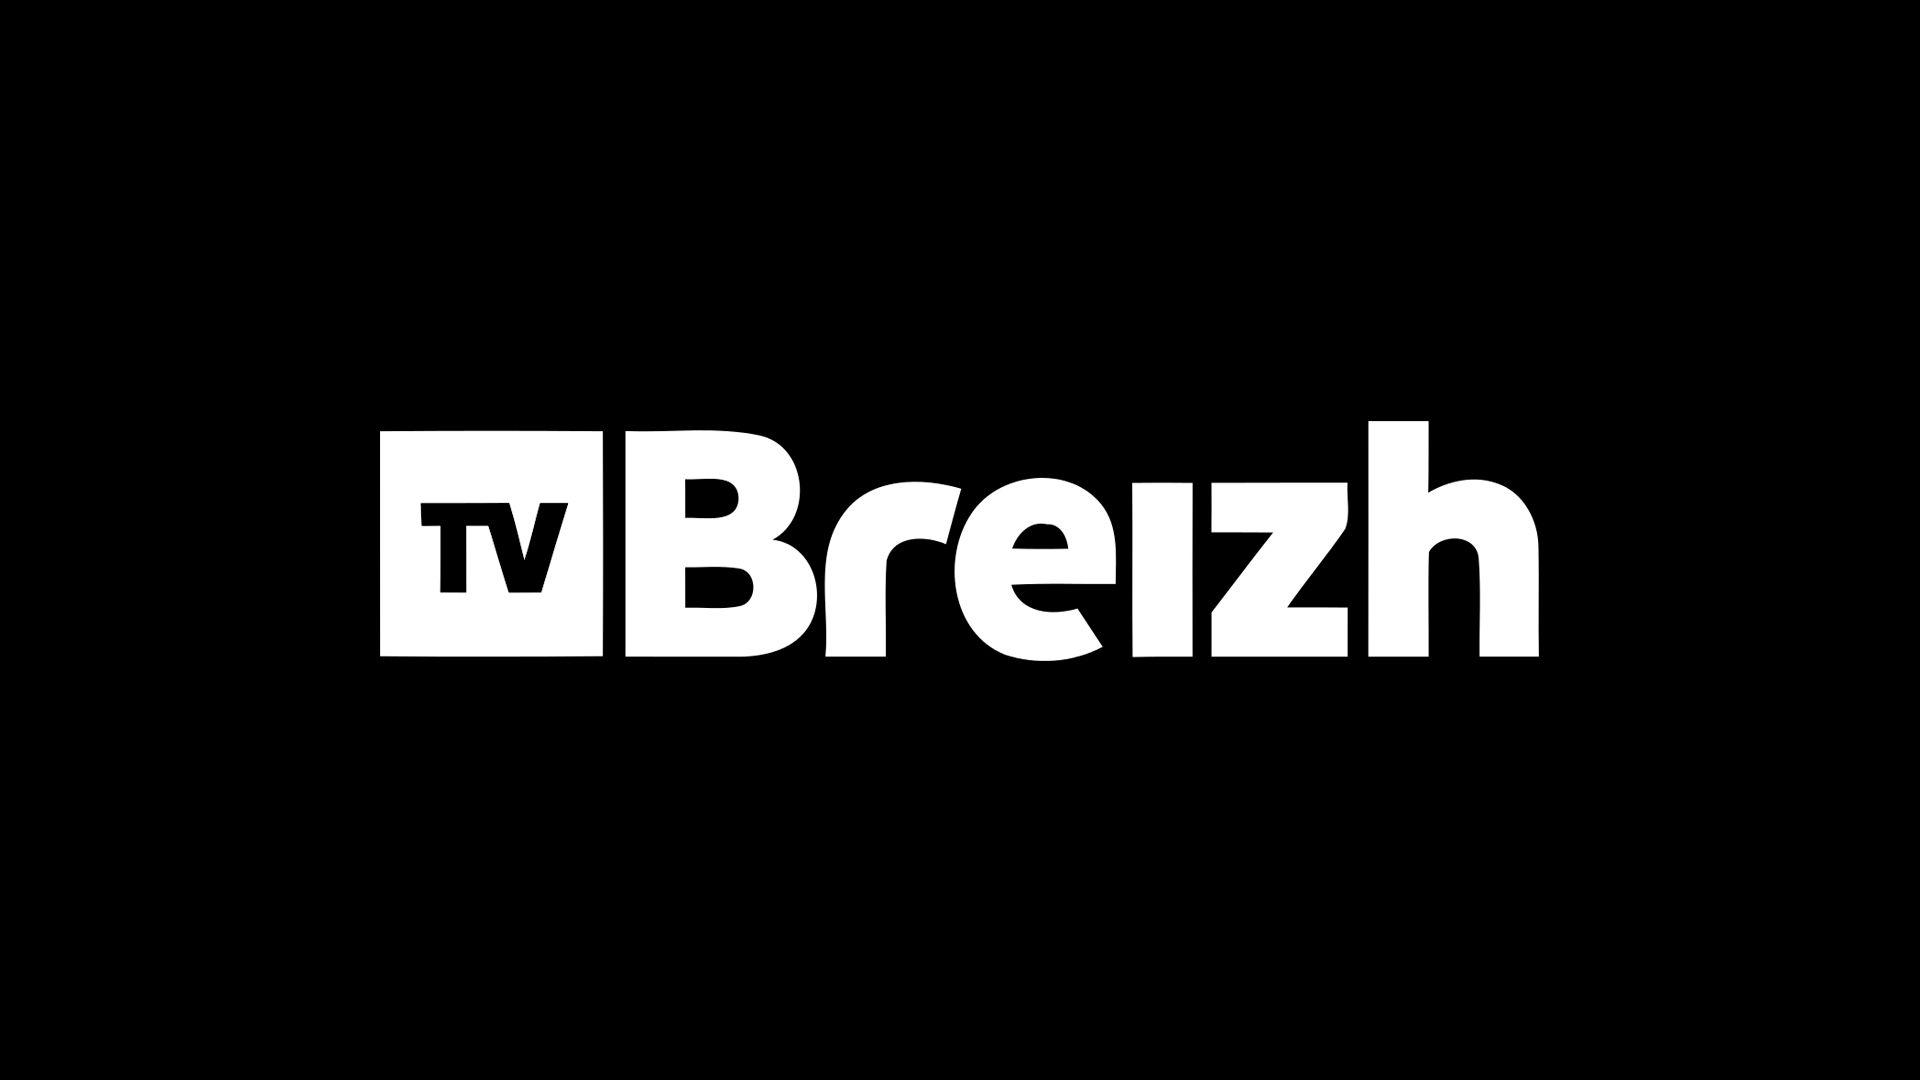 Comment regarder TV Breizh en direct ? Live streaming gratuit en ligne sans  inscription et sans télécharger de logiciel ou plugin !